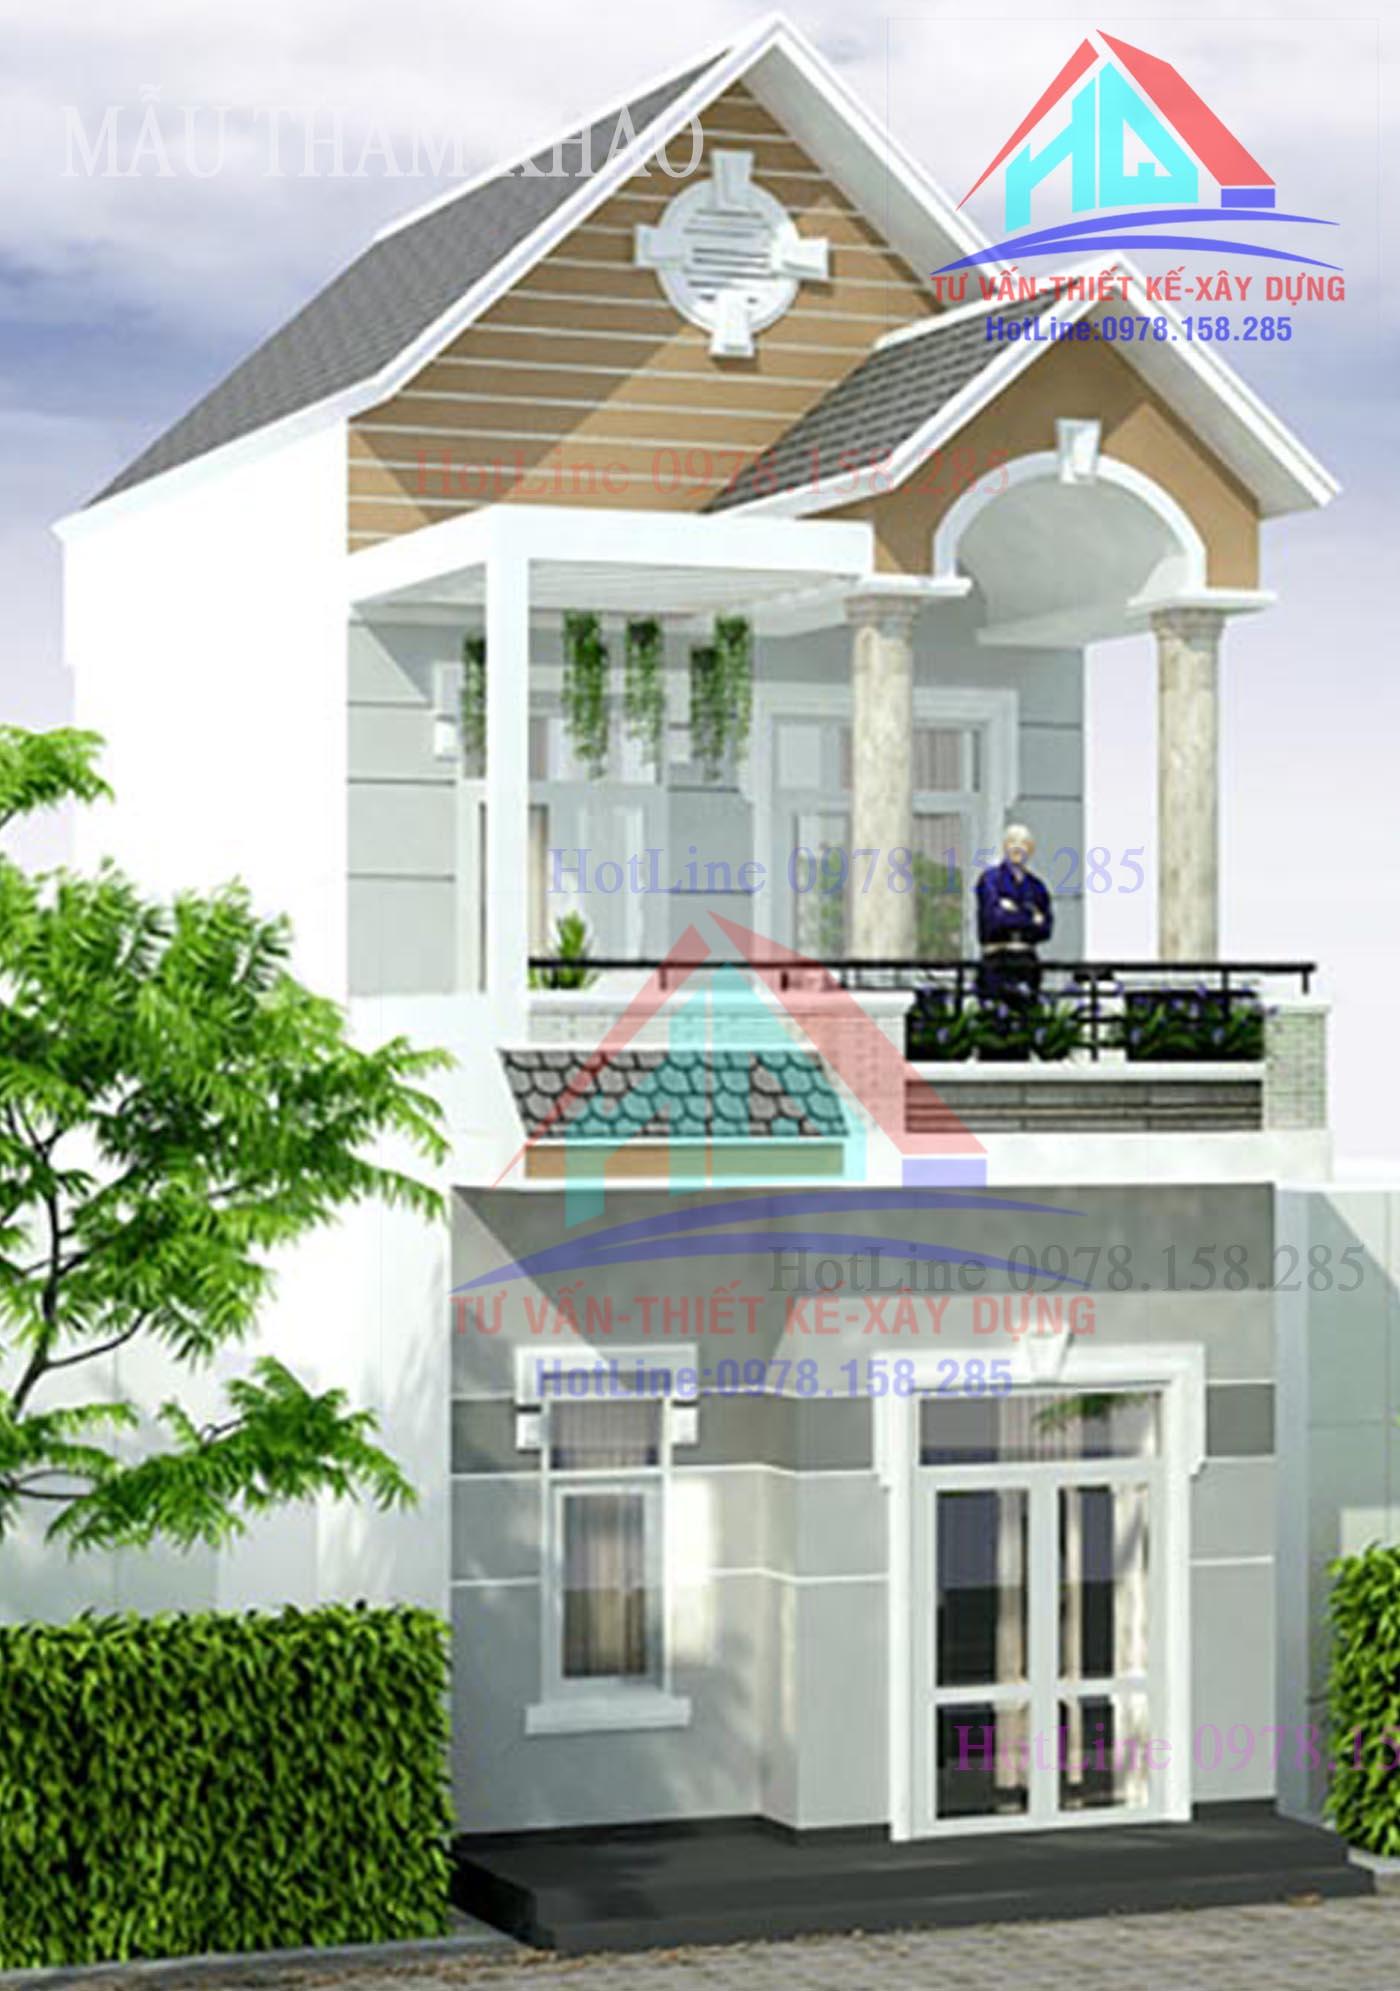 mẫu nhà đẹp 2 tầng (5)